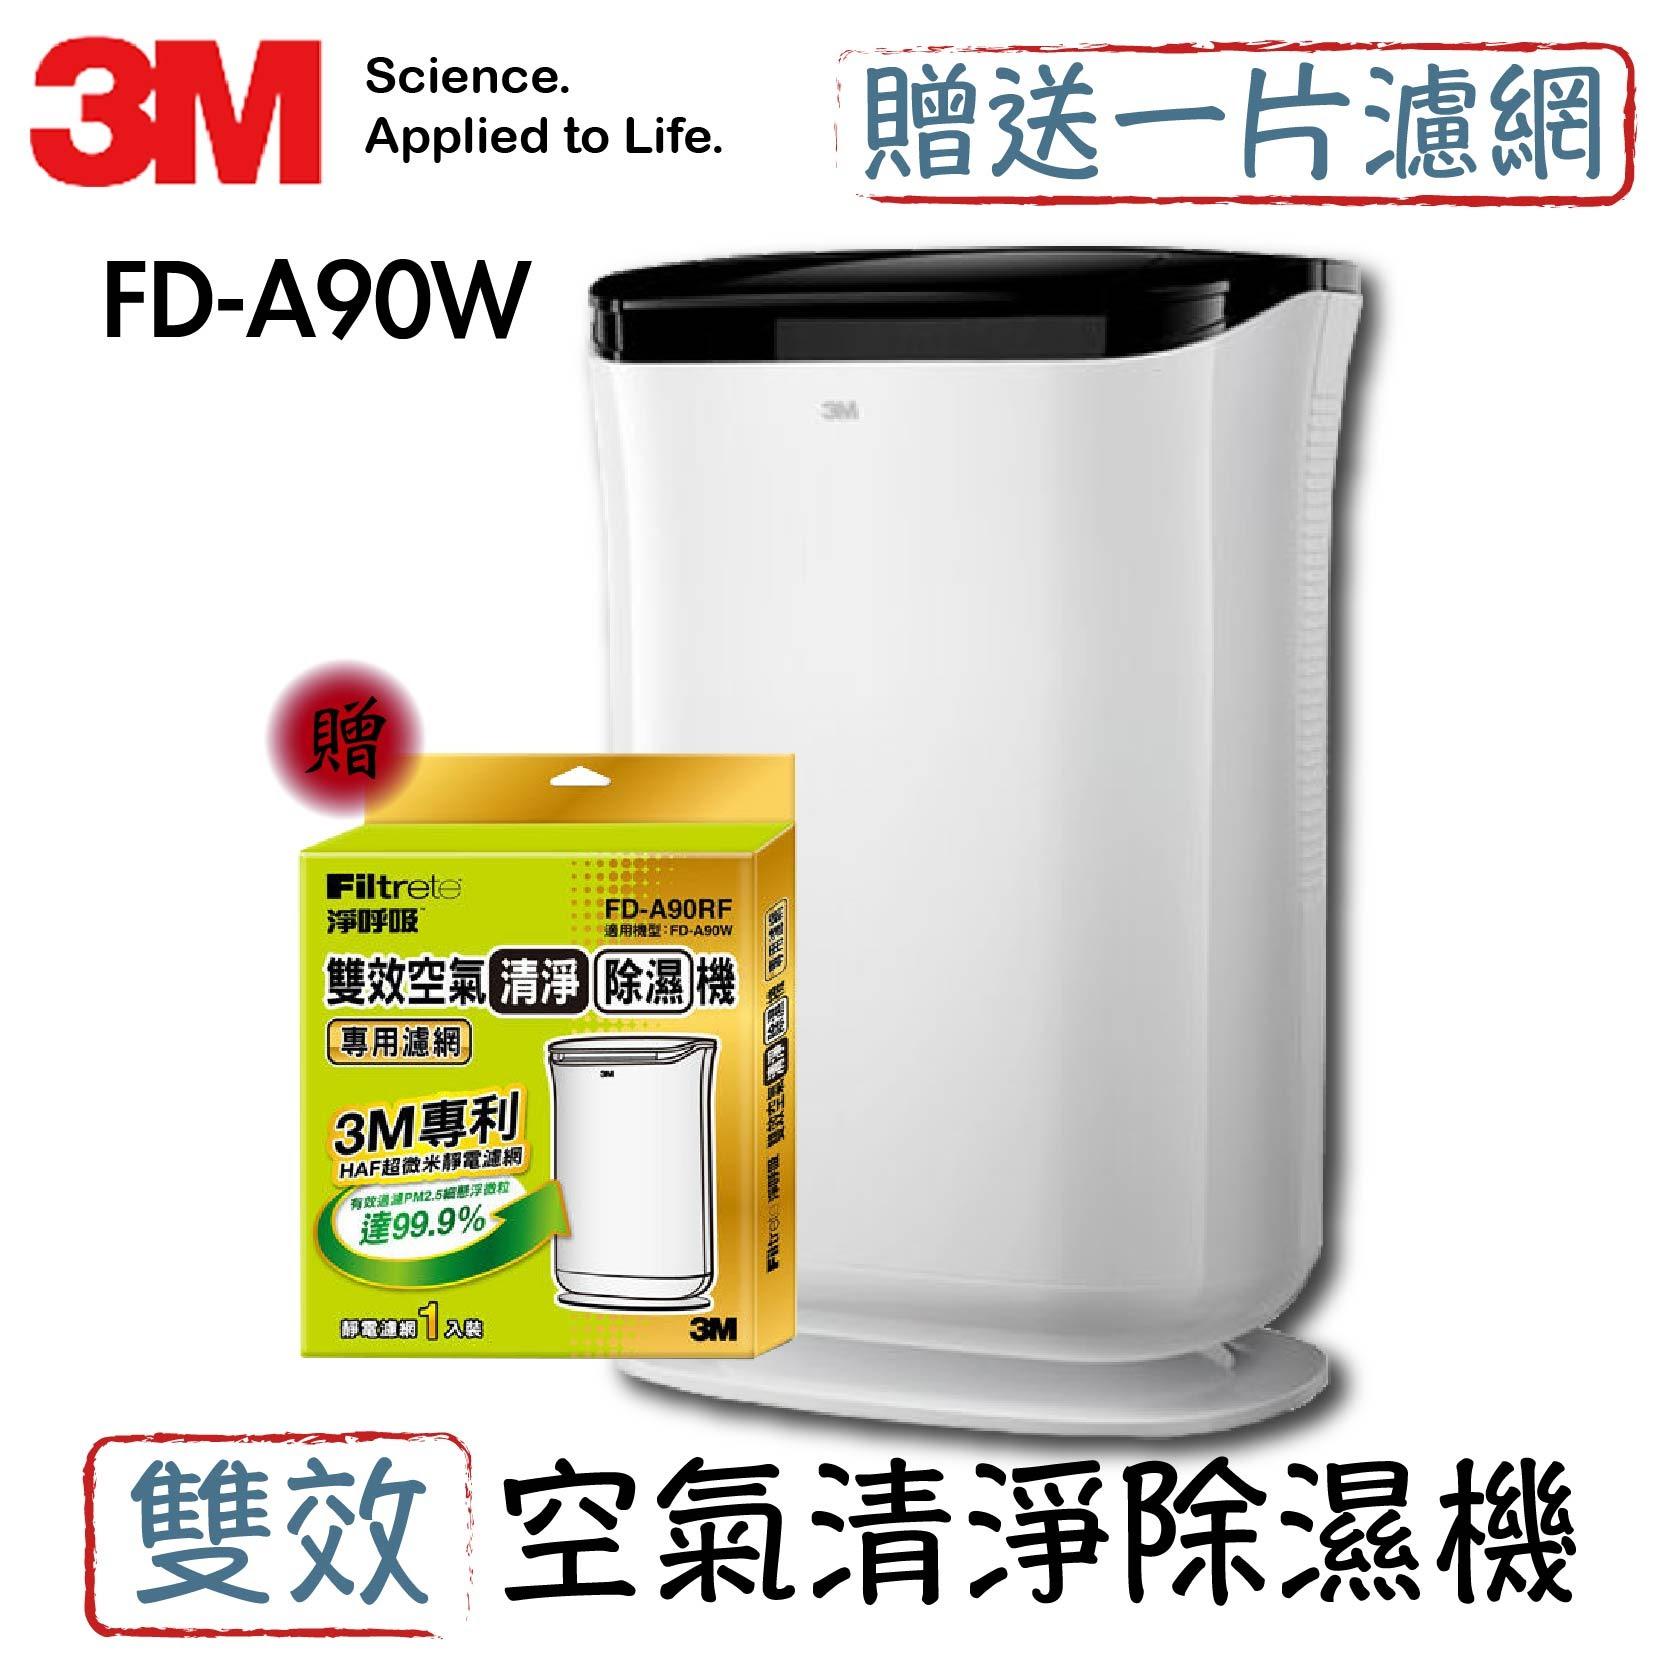 一機乾淨3M 9.5L雙效空氣清淨除濕機 FD-A90W ~超值1+1(機器+濾網) 空氣清淨&除溼&乾衣 公司貨